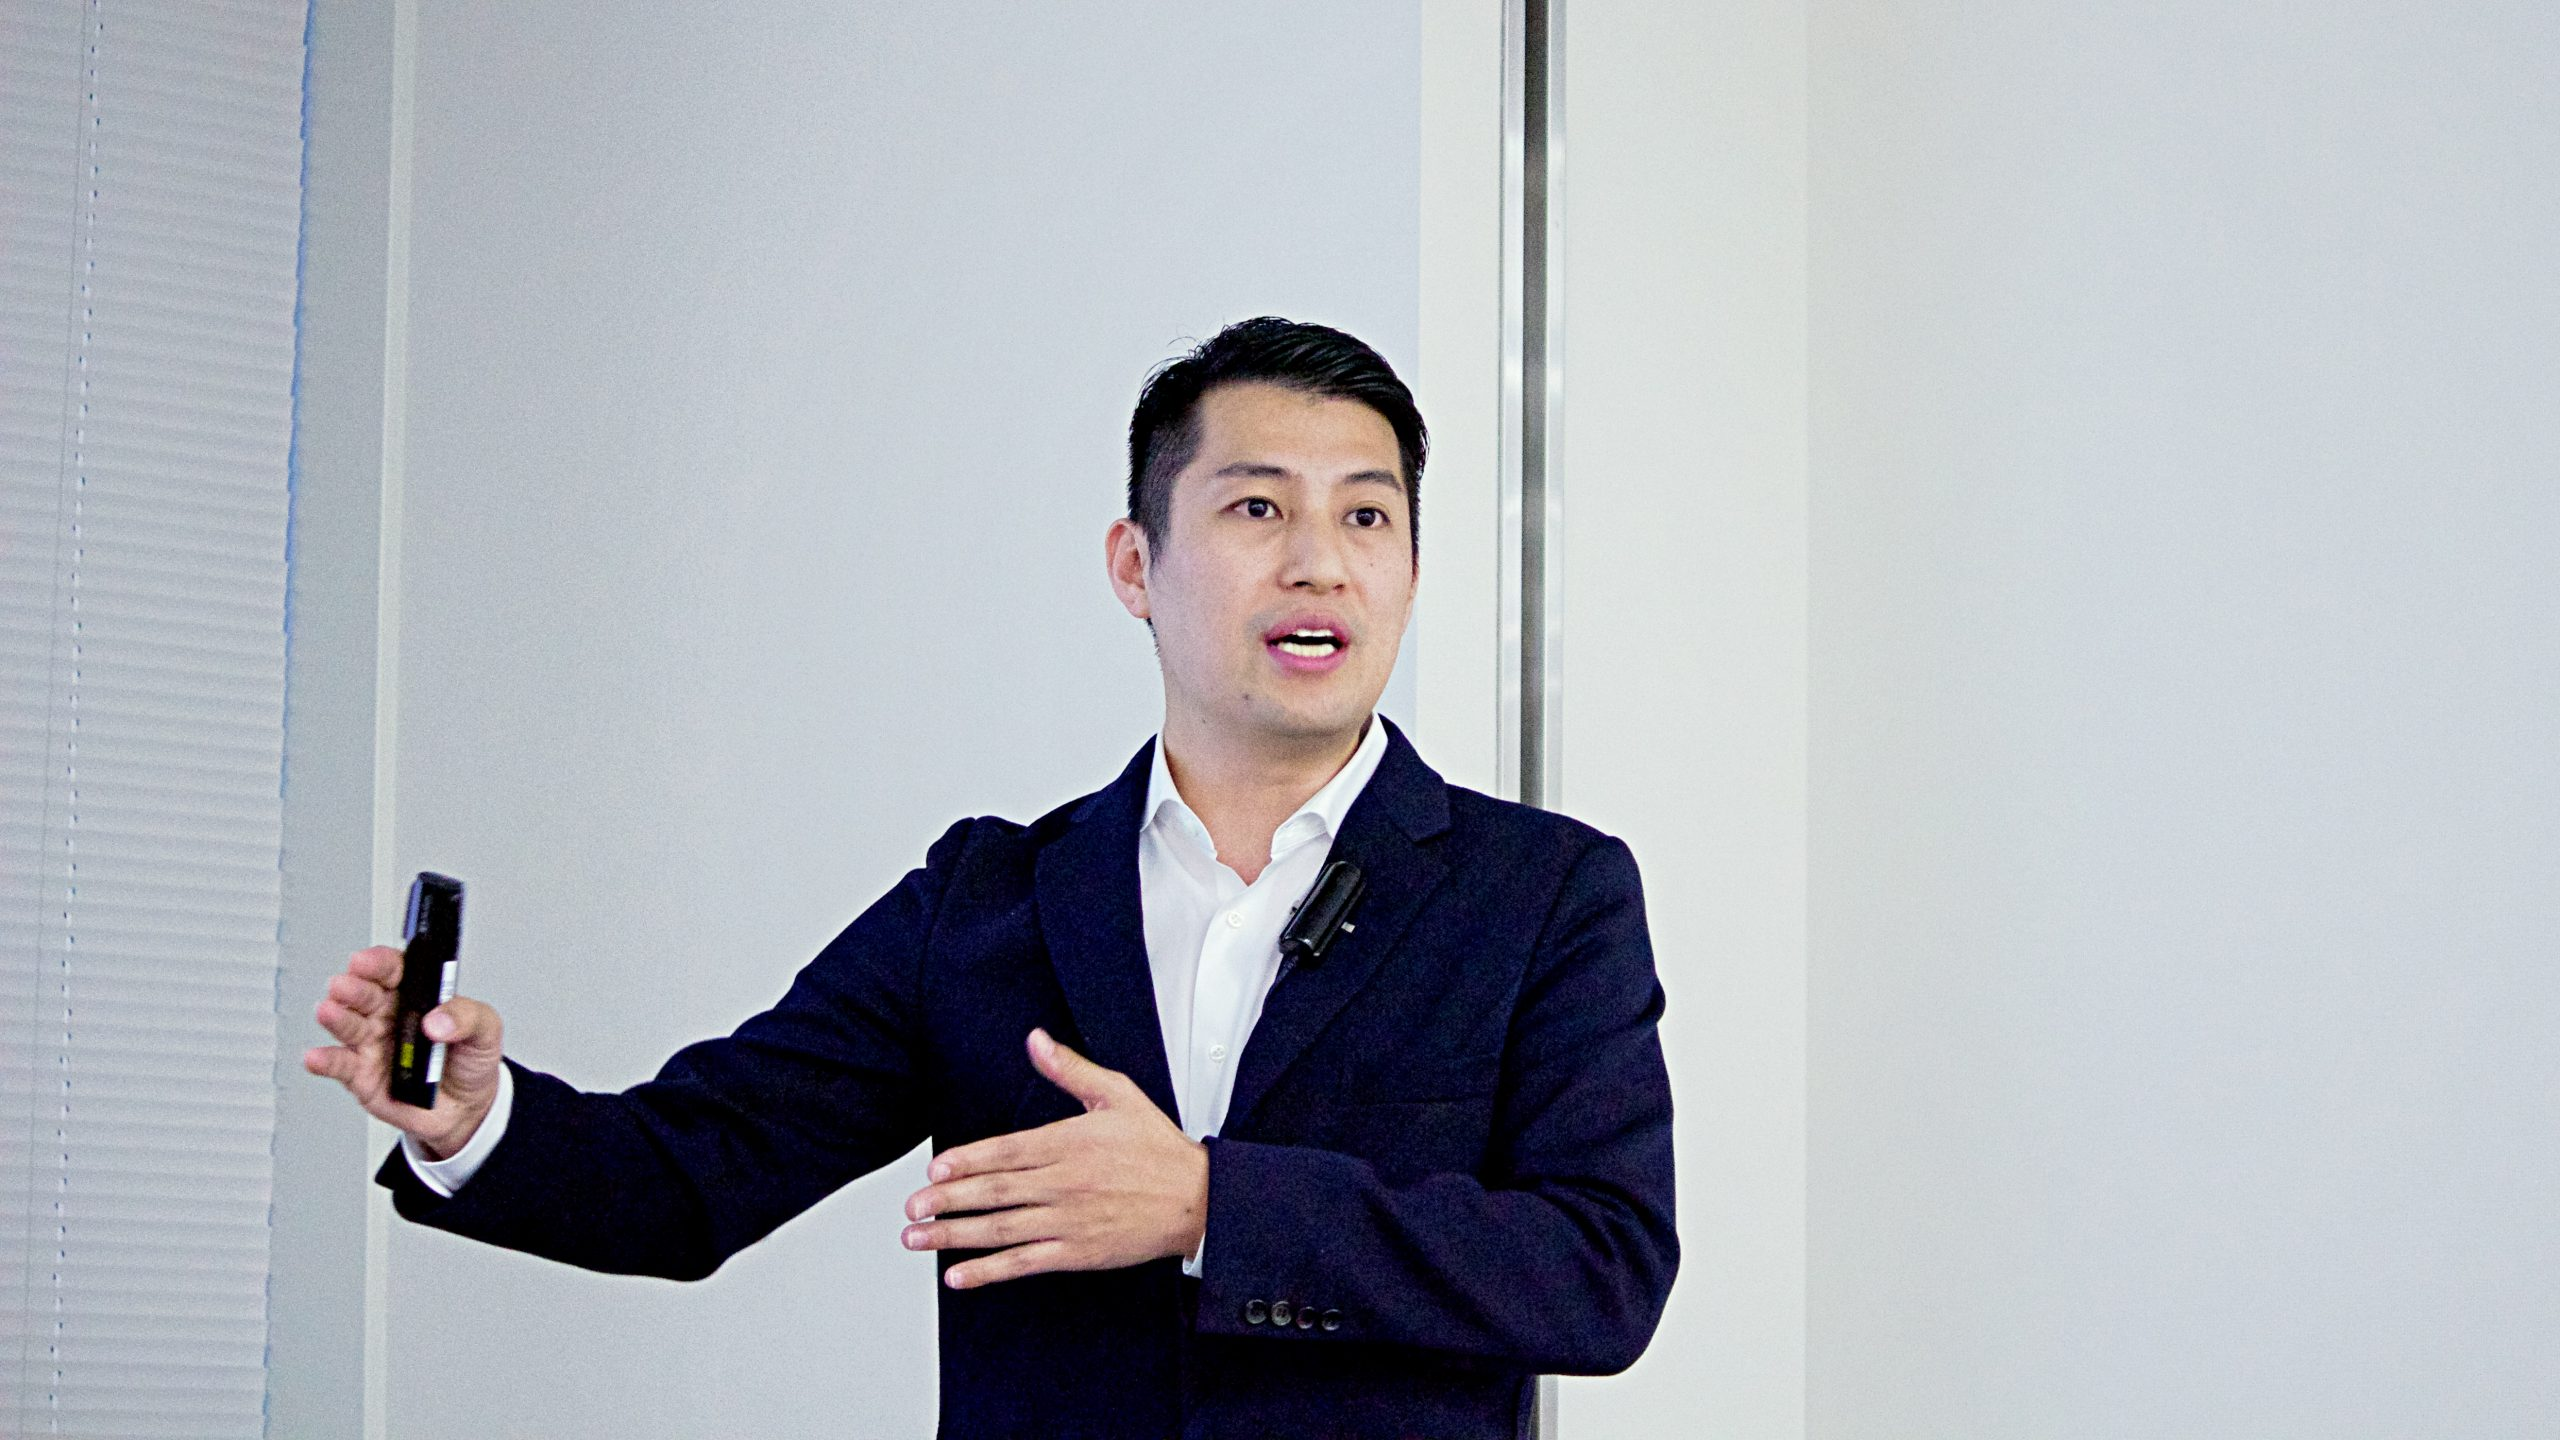 GAテクノロジーズ、4Q売上高は前年比95%増 ワンストップ化で日本の不動産取引を滑らかに